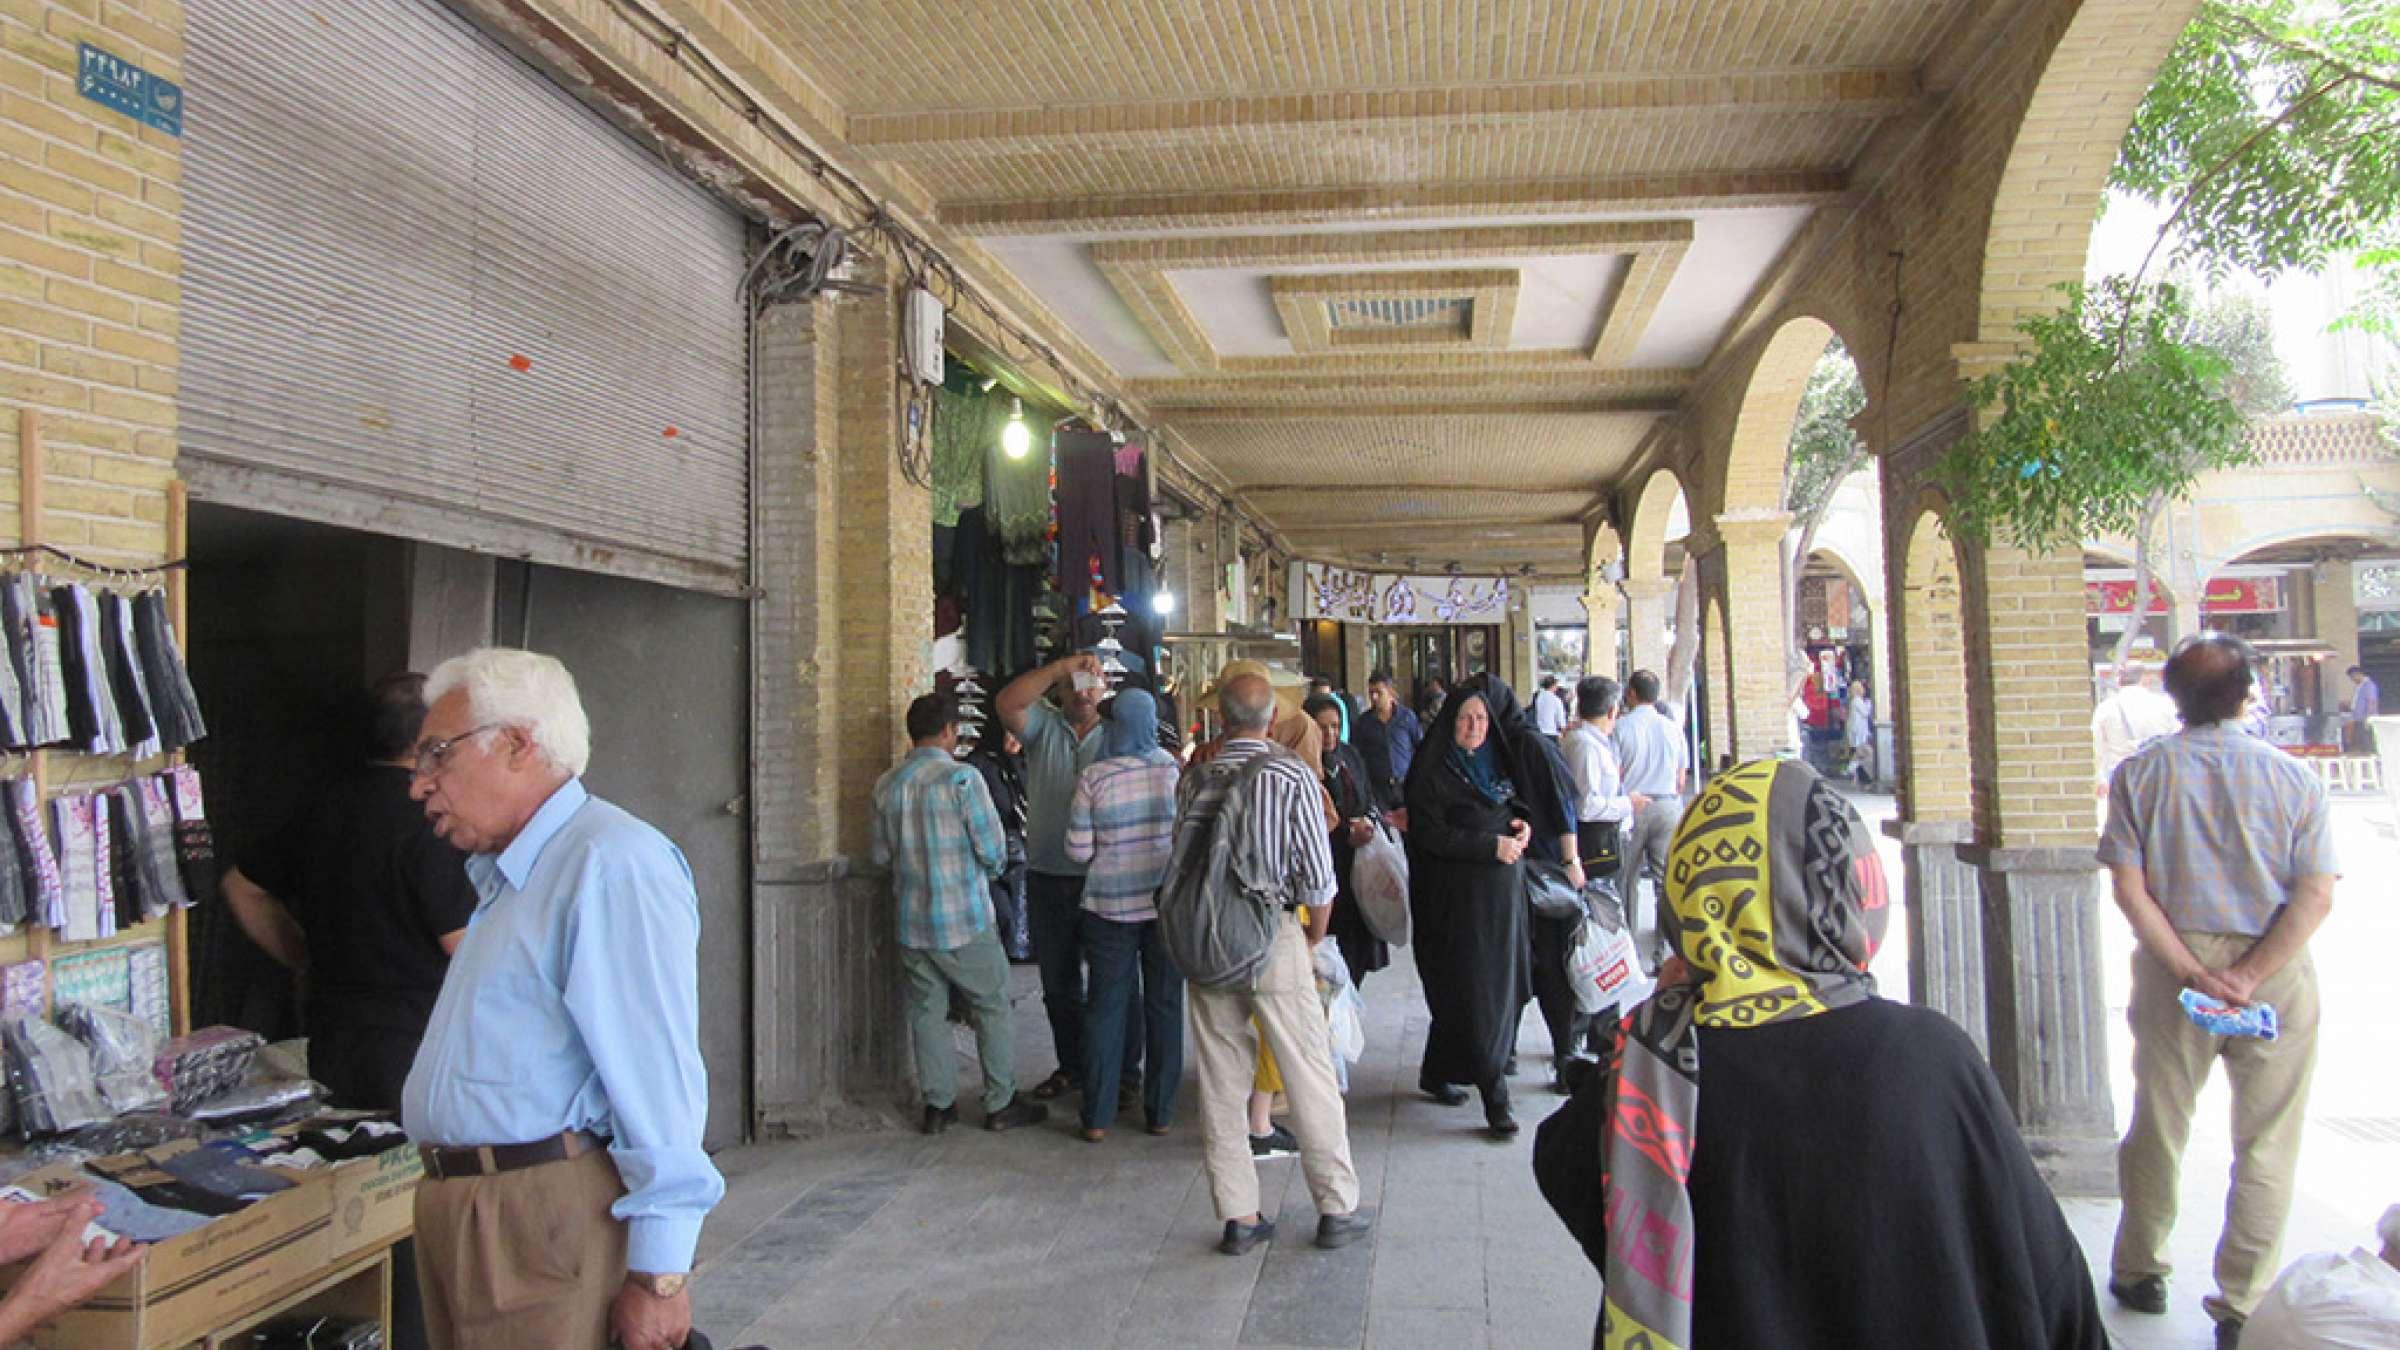 ادبیات-گلمحمدی-با-من-به-بازار-تهران-بیایید-دور-مسجد